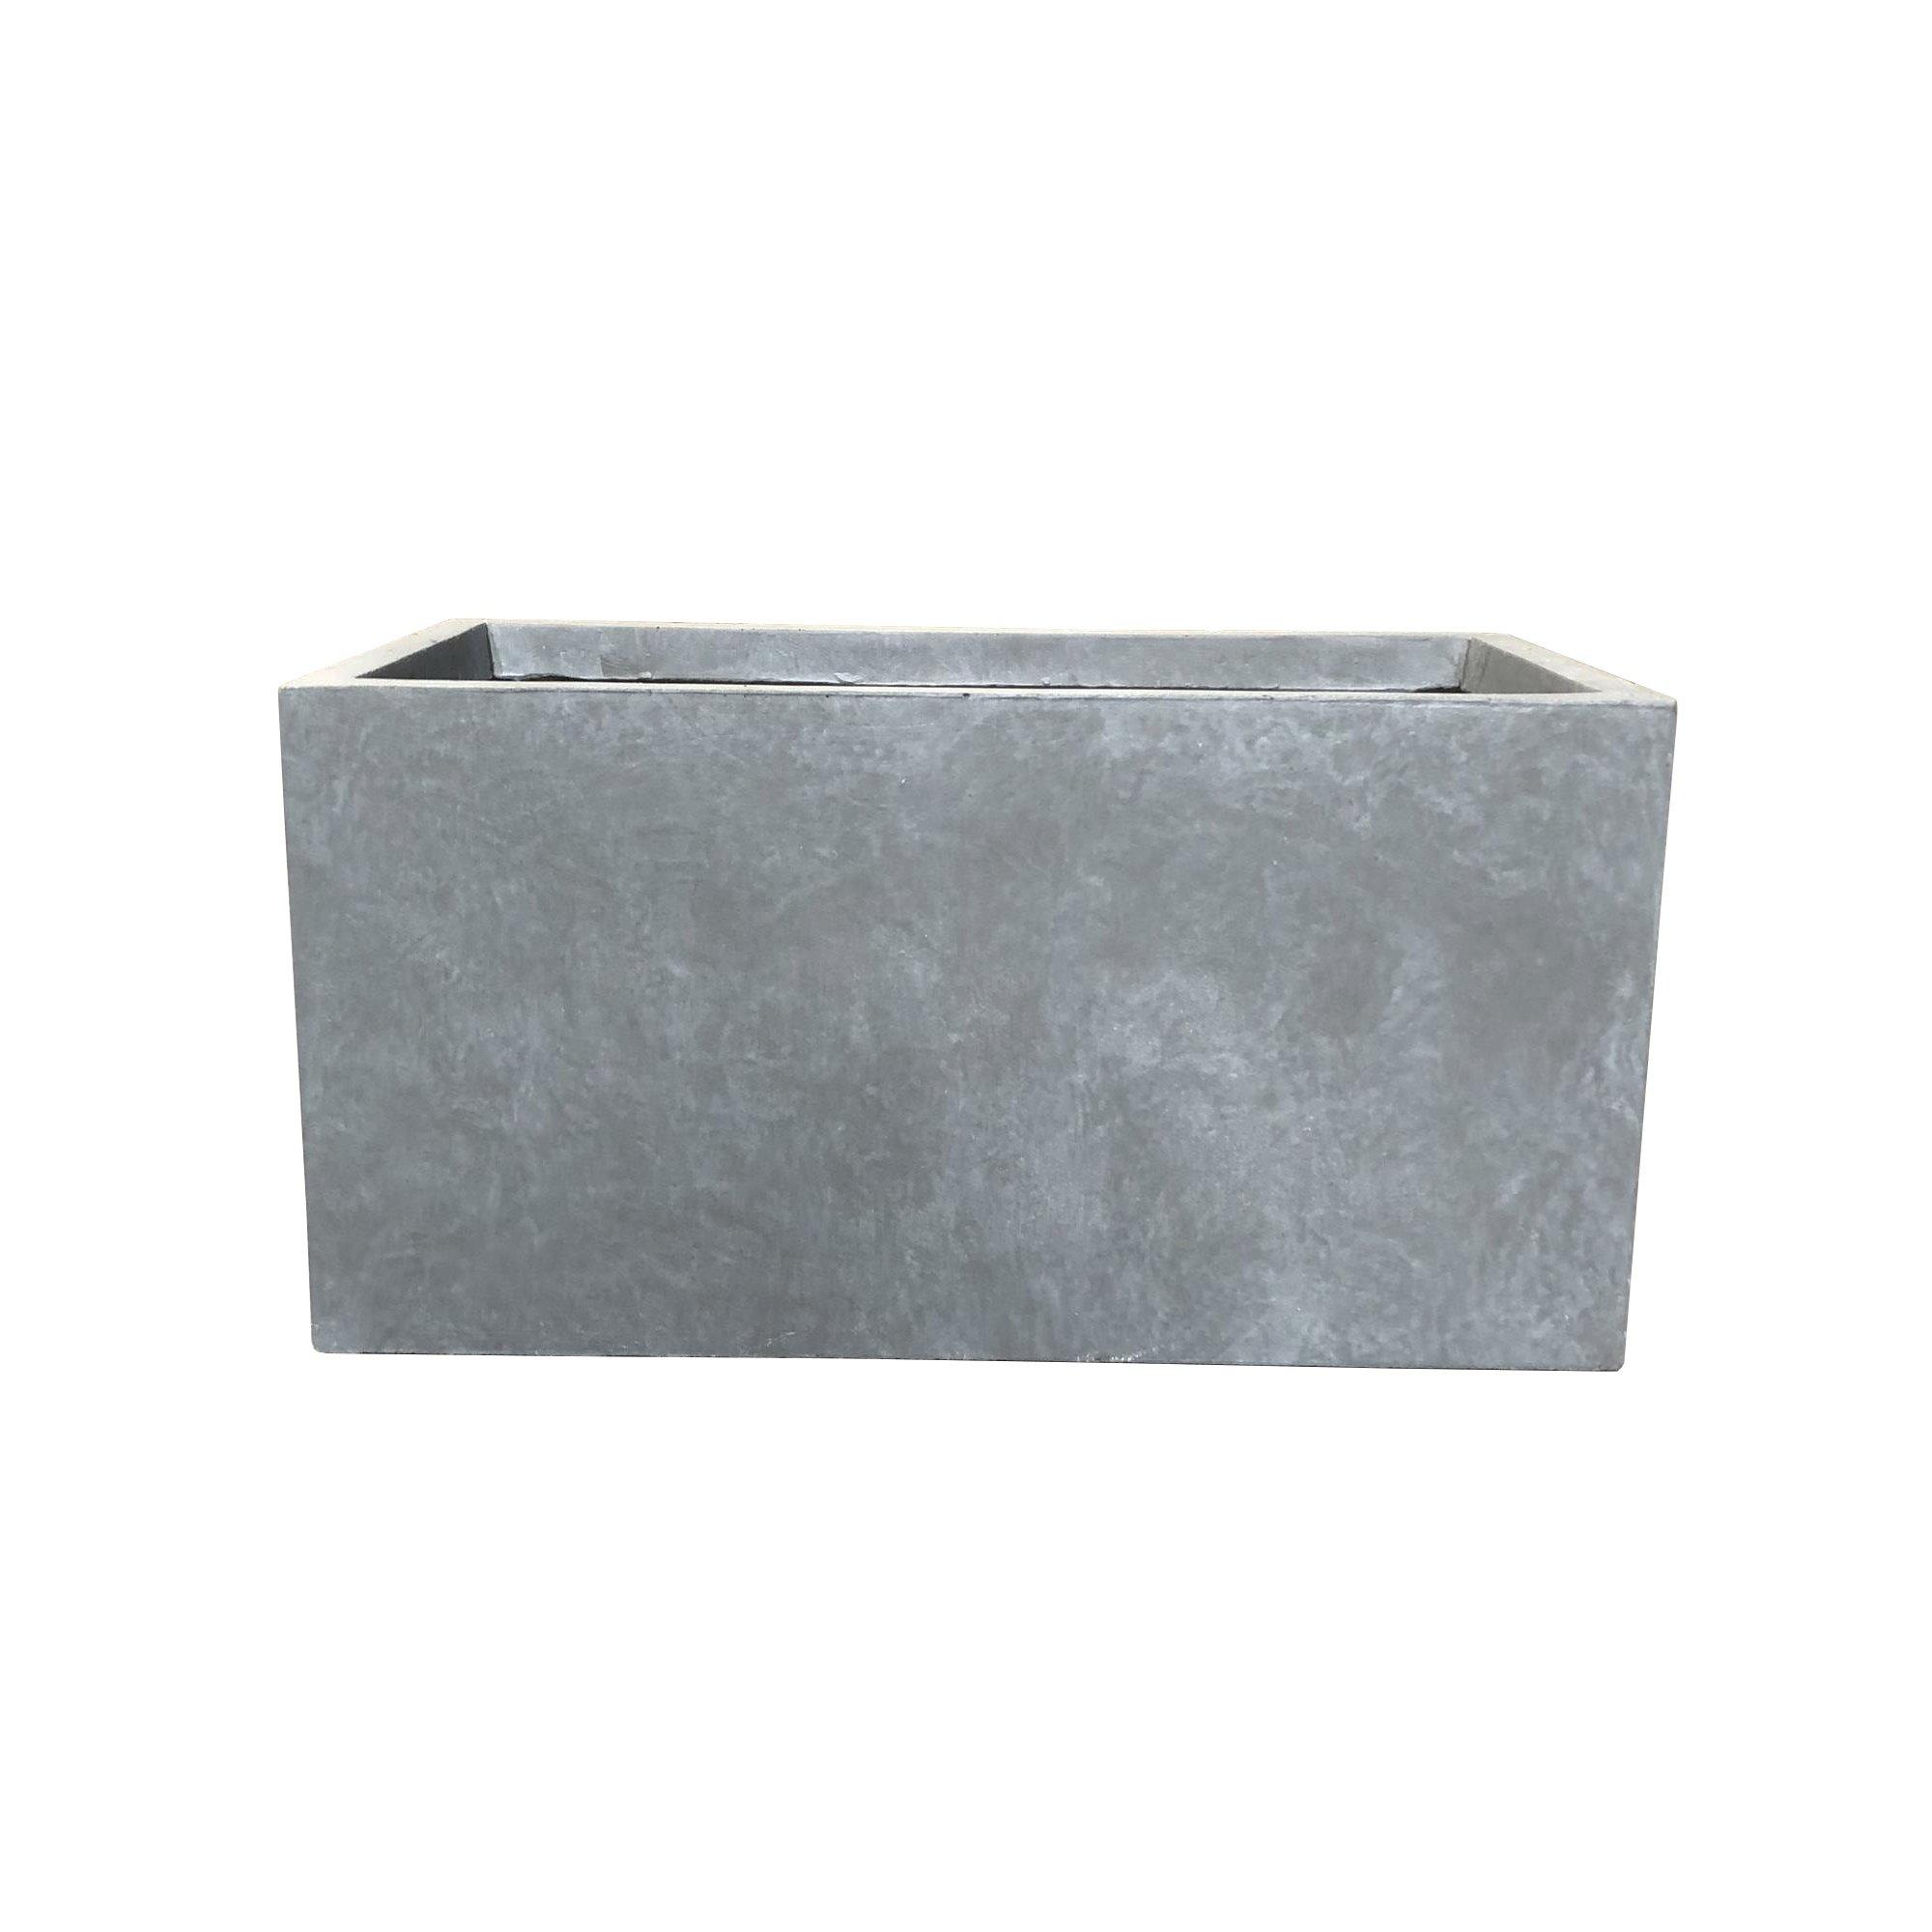 Durx Litecrete Lightweight Concrete Modern Long Cement Color Low Planter Large 31 1 X14 6 X14 8 Concrete Planter Boxes Outdoor Planters Rectangle Planters